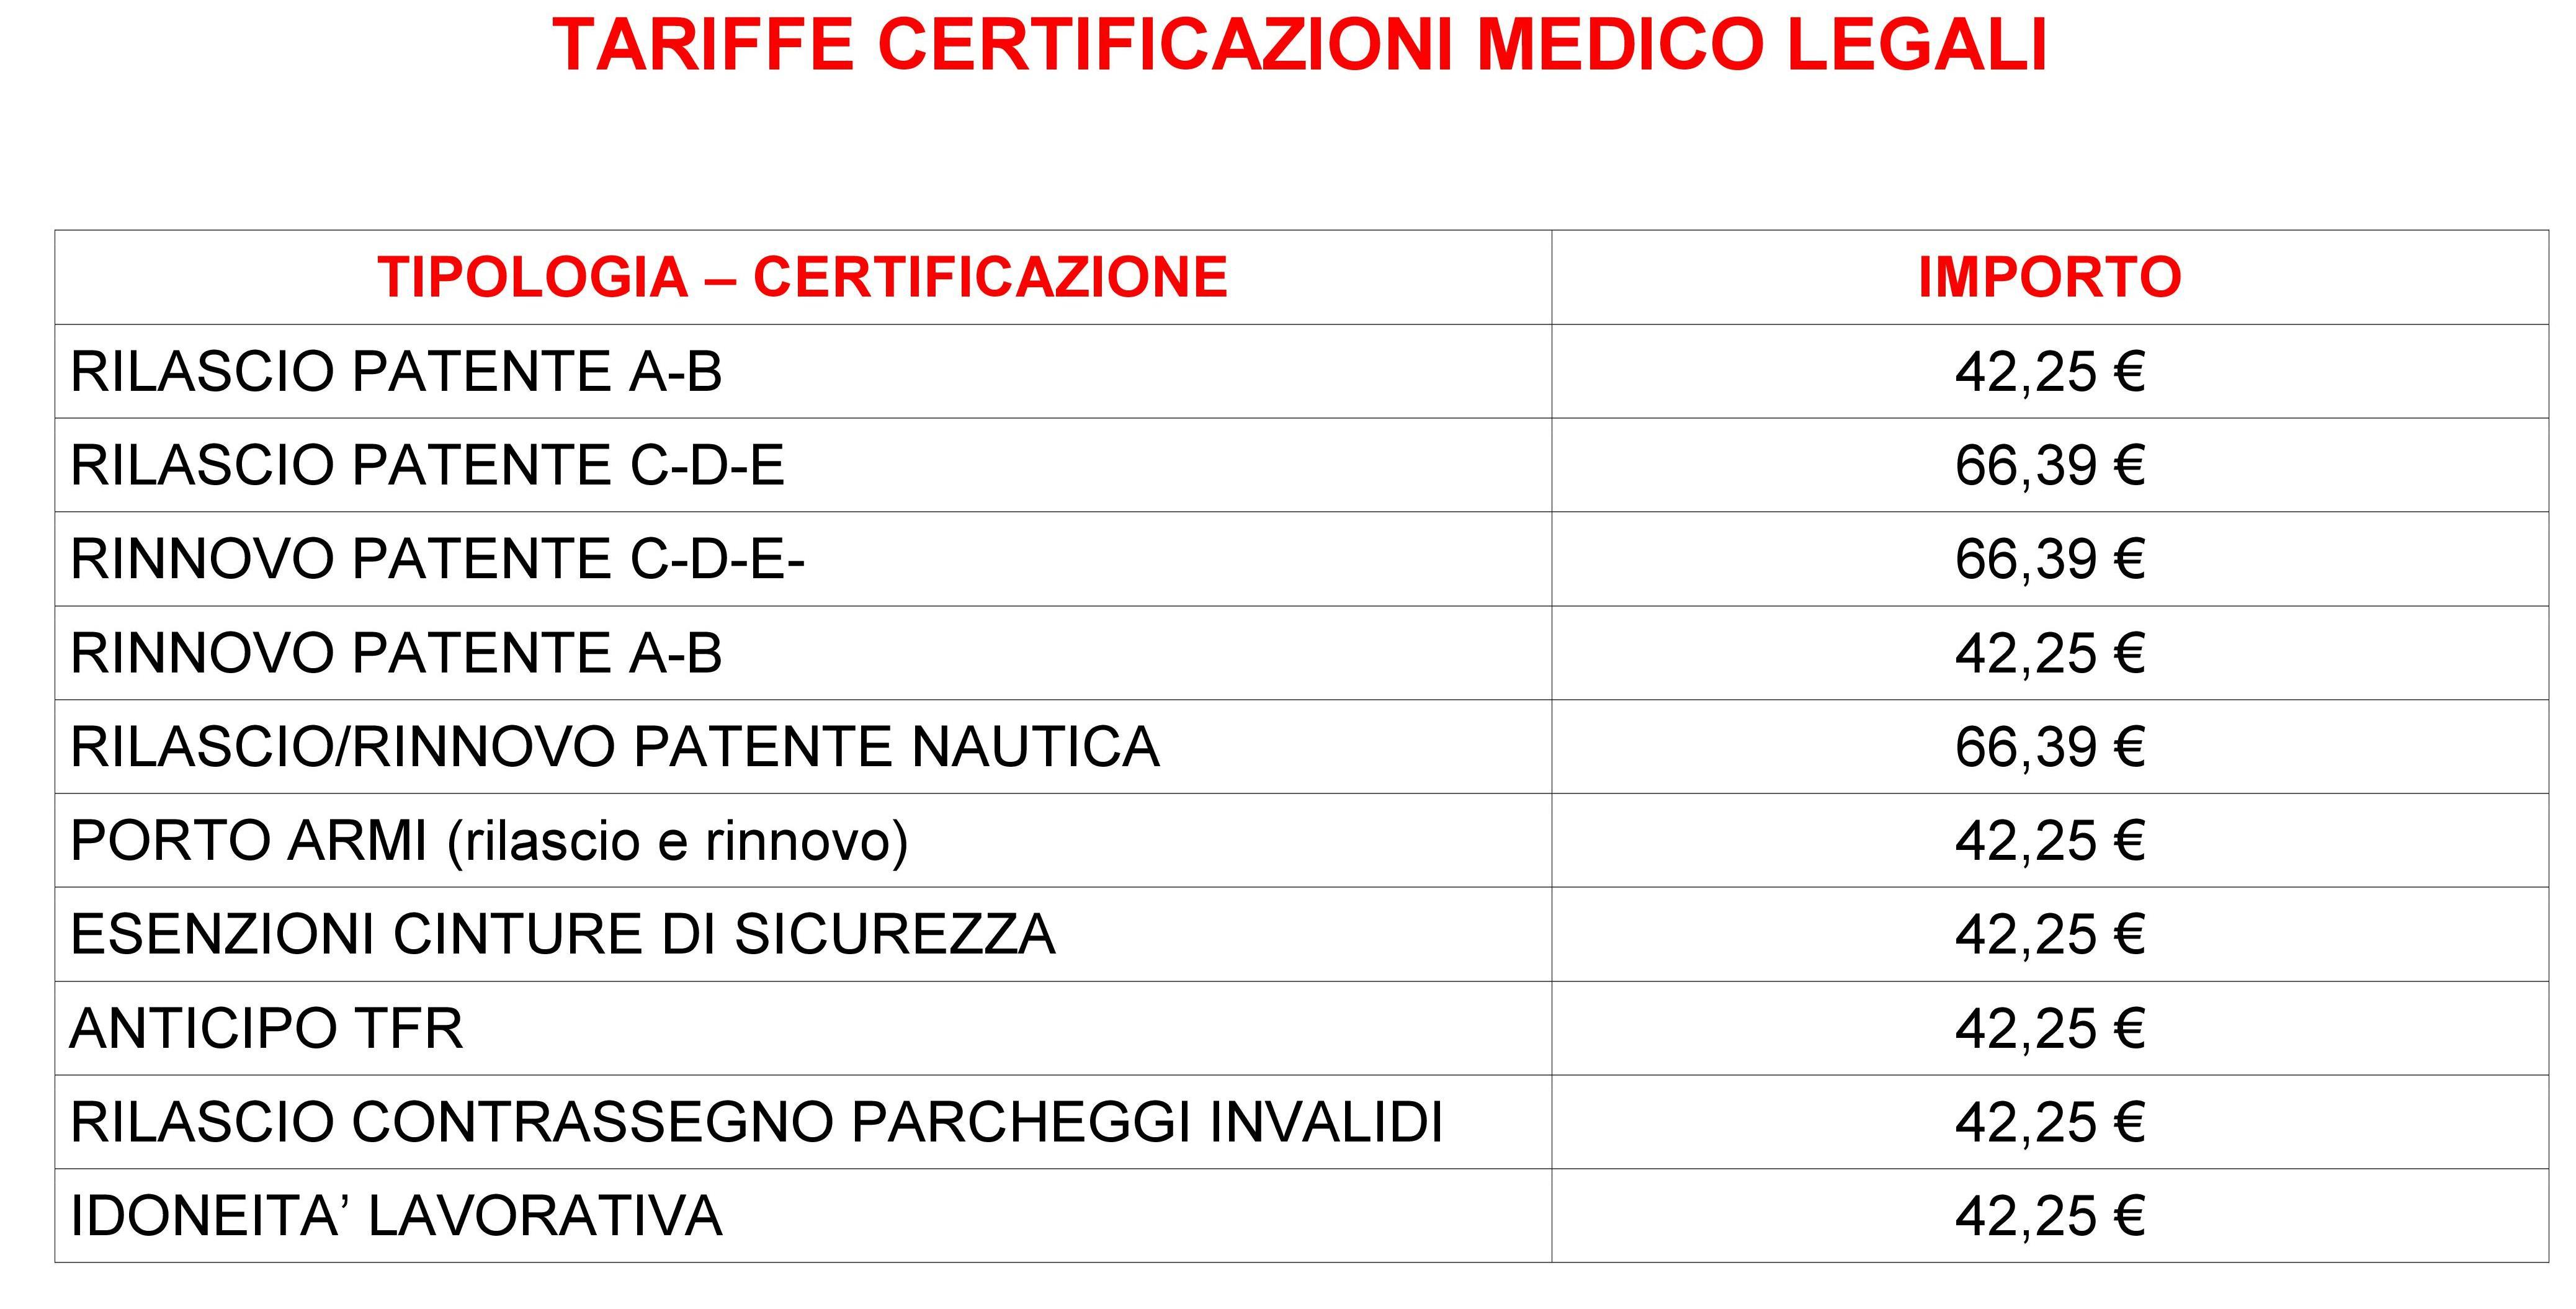 CERTIFICAZIONI MEDICO LEGALI